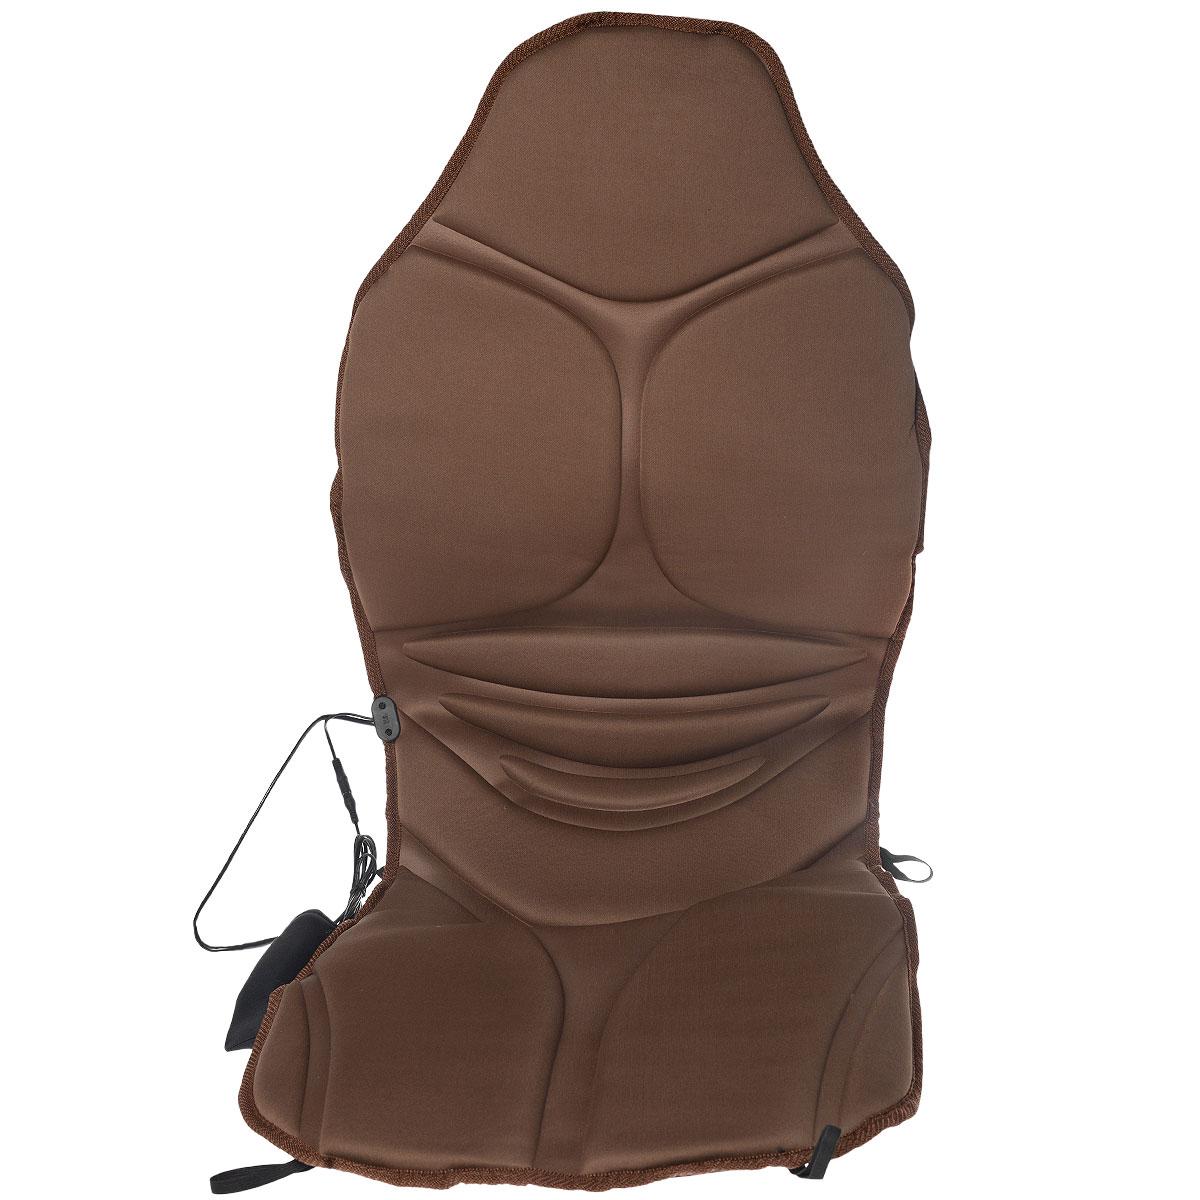 Накидка массажная на сиденье Sapfire, с обогревом, 117 см х 49 смSCH-0450Накидка на сиденье Sapfire выполнена из полиэстера и предназначена для сиденья в автомобильное кресло. Если вы проводите длительное время за рулем, то массажная накидка вам просто необходима. Установите ее на кресло и подарите себе расслабляющий и оздоровительный массаж. Пульт позволяет задать скорость, интенсивность и вид массажа. Функция подогрева усиливает эффективность процедуры. Преимущества массажной накидки Sapfire:- 5 массажных точек (шея, левая часть спины, правая часть спины, левая нога, правая нога); - таймер на 15 минут, 30 минут и 60 минут;- режим циркулирующего массажа;- функция обогрева; - пульт управления с контролем интенсивности; - эргономичная форма сиденья; - упругий наполнитель удобно поддерживает тело.Напряжение: 12V DC.Энергопотребление моторов: 0,84W, 70ma - один мотор.Нагревательный элемент: 3,6W, 300ma.Термостат: 65±5°C.Размер накидки: 117 см х 49 см.Уважаемые клиенты!Обращаем ваше внимание, что накидка работает от прикуривателя автомобиля.